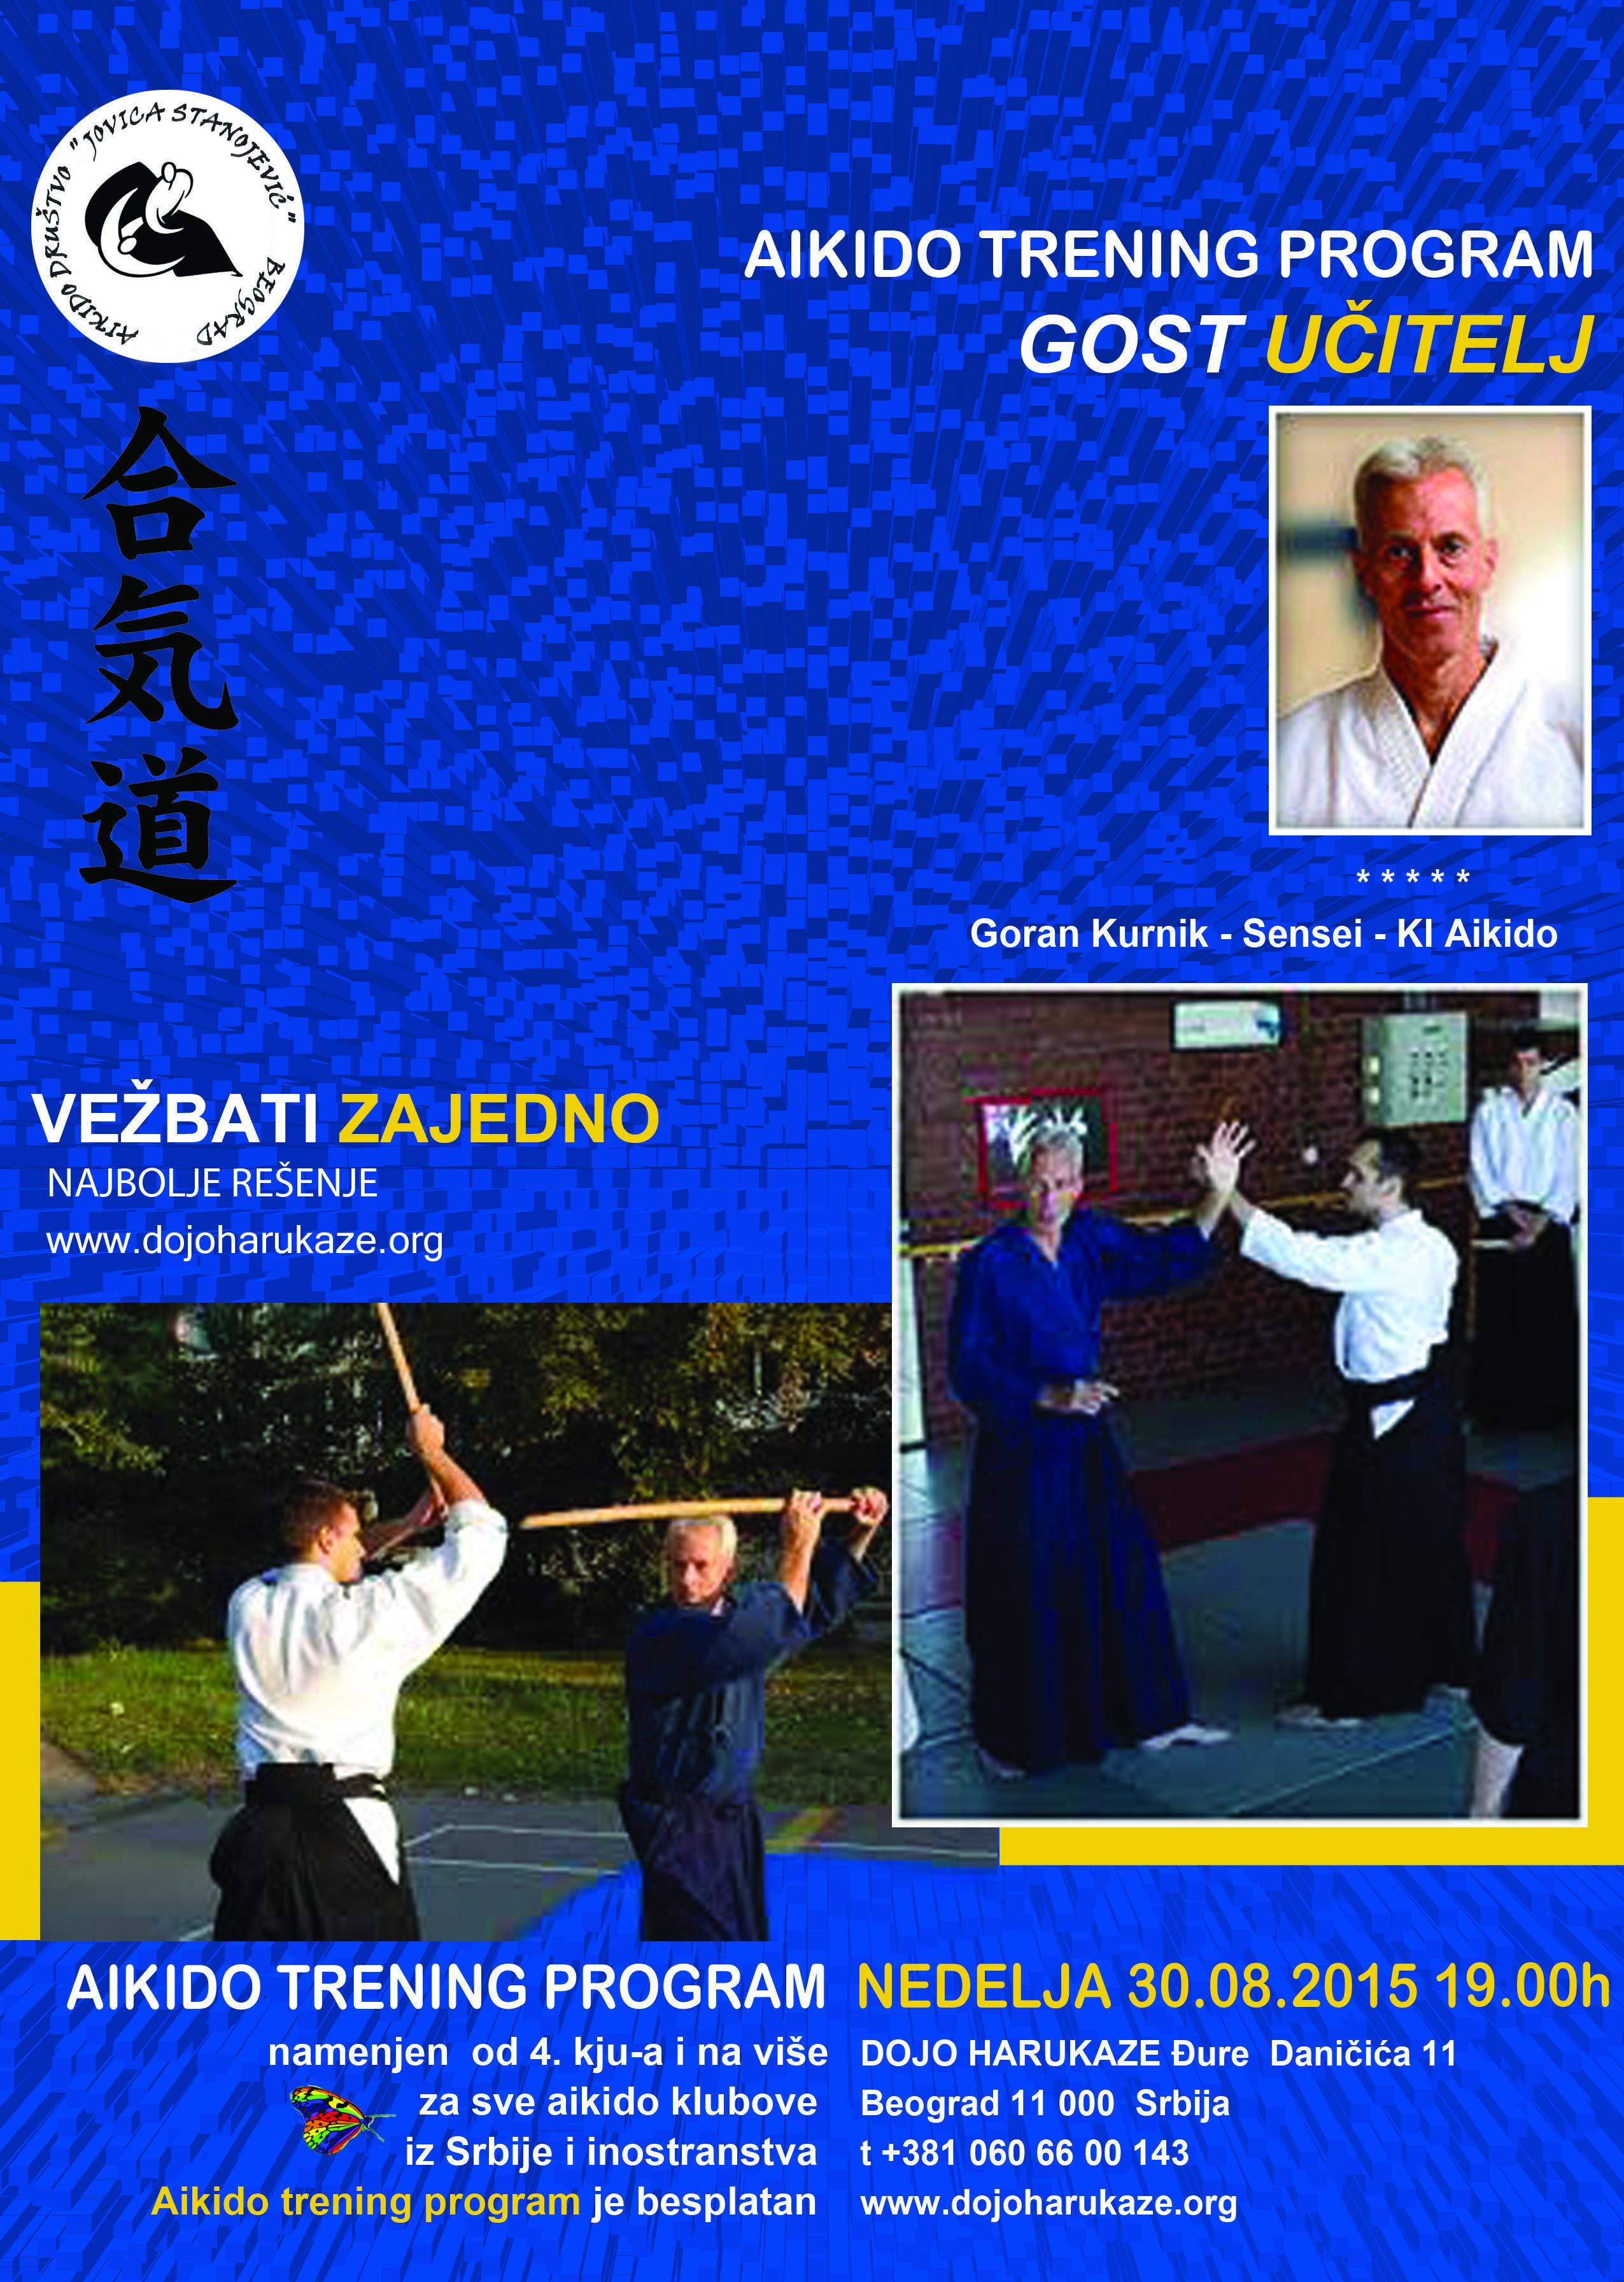 aikido trening prograam avg 2015